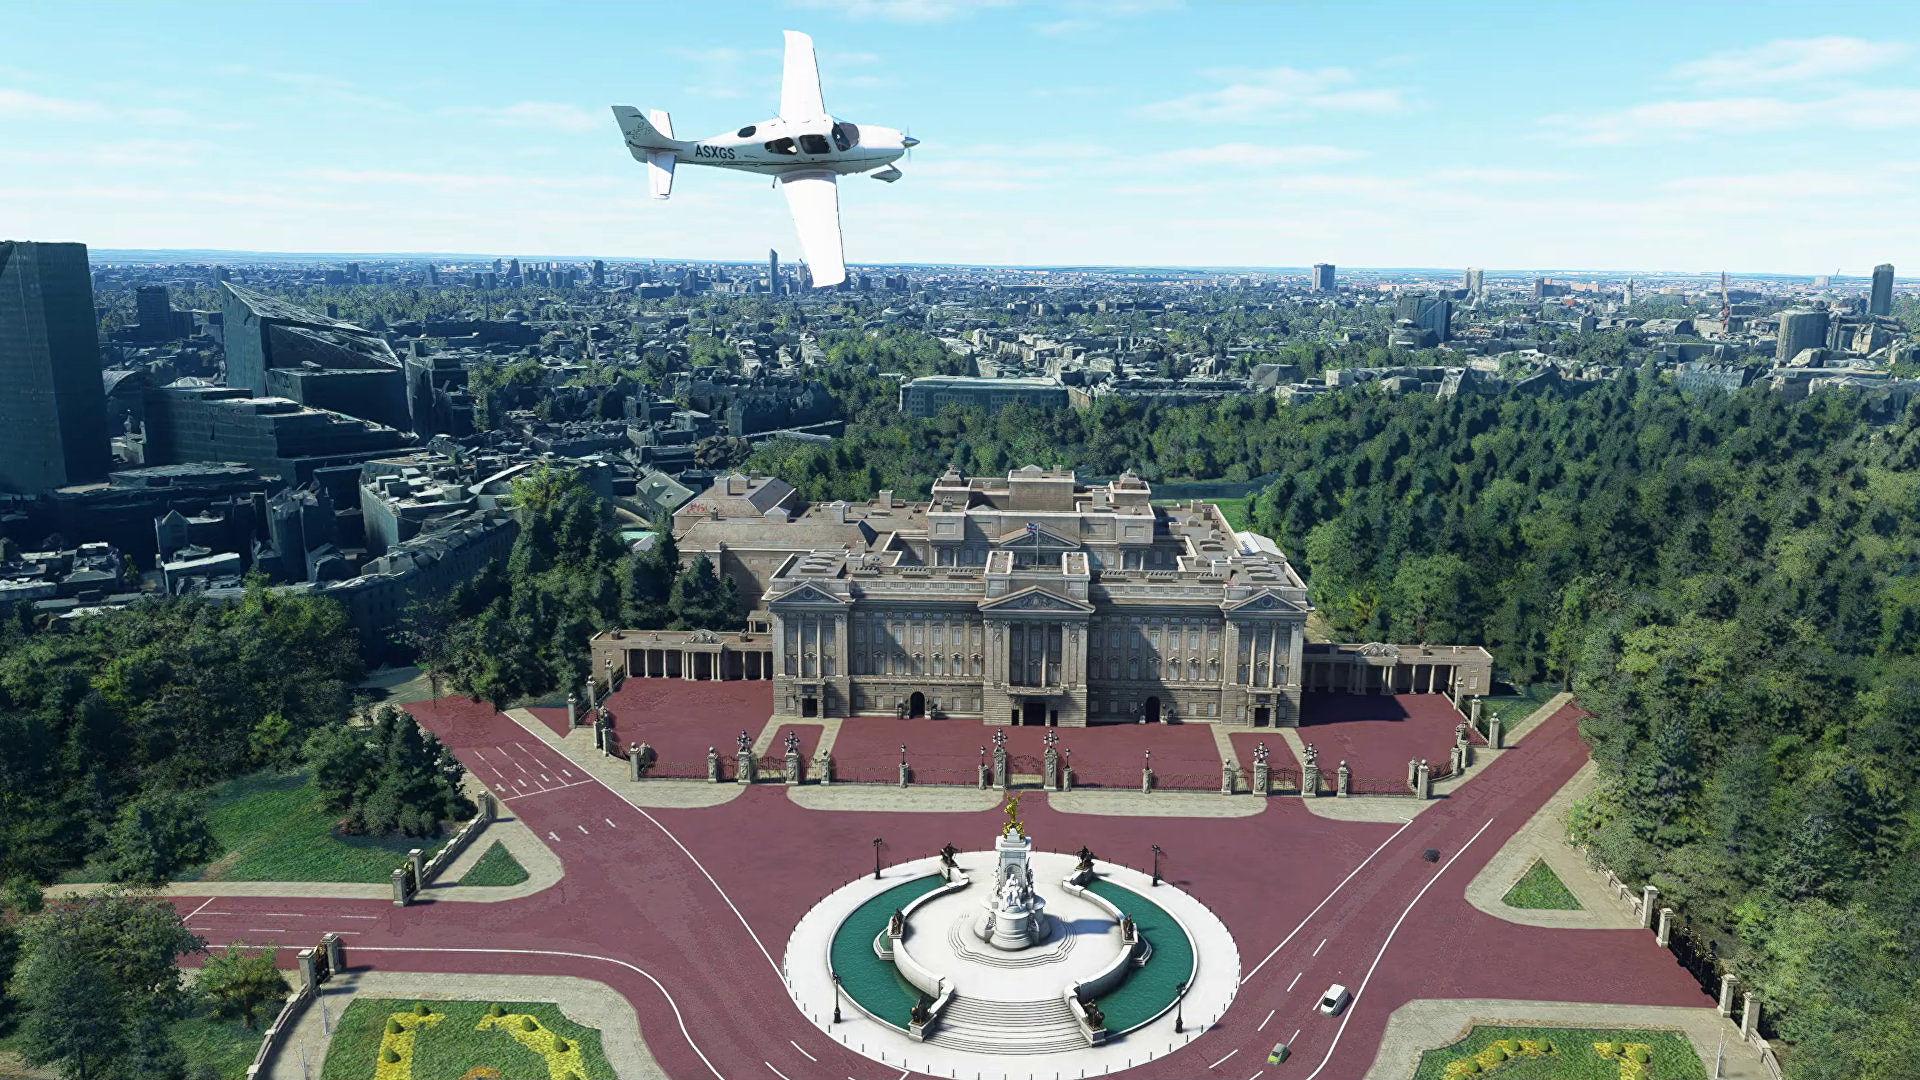 ข่าวใหญ่สายการบิน Microsoft Flight Simulator เตรียมออกแพทช์ใหม่แล้ว1